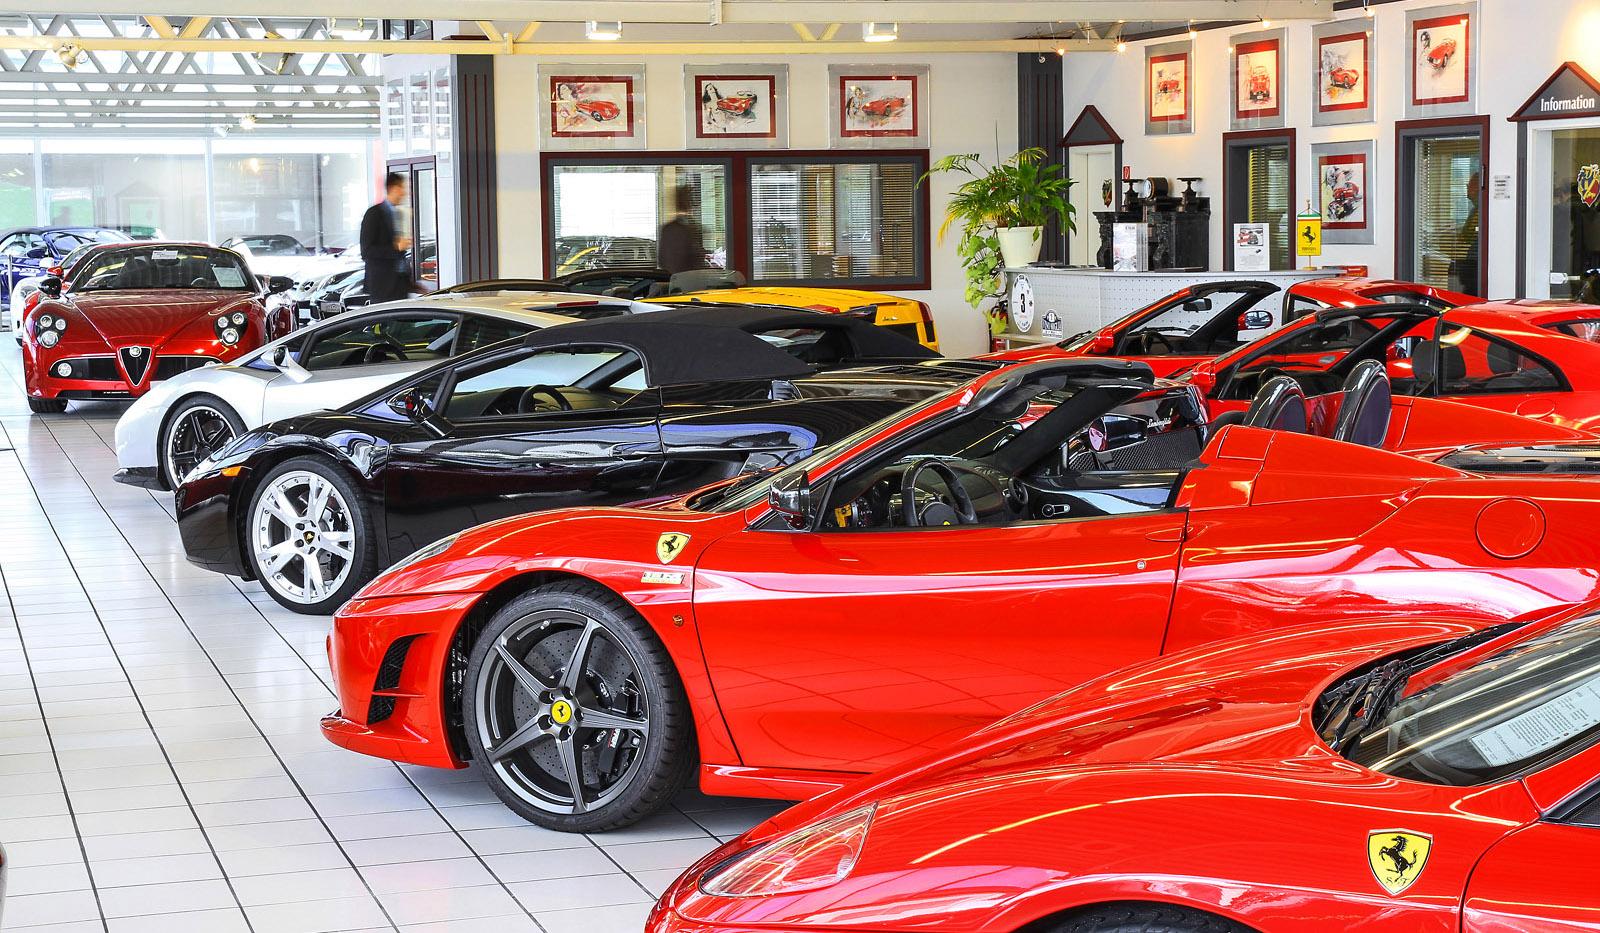 dealer visit: auto-salon-singen 2013 - gtspirit